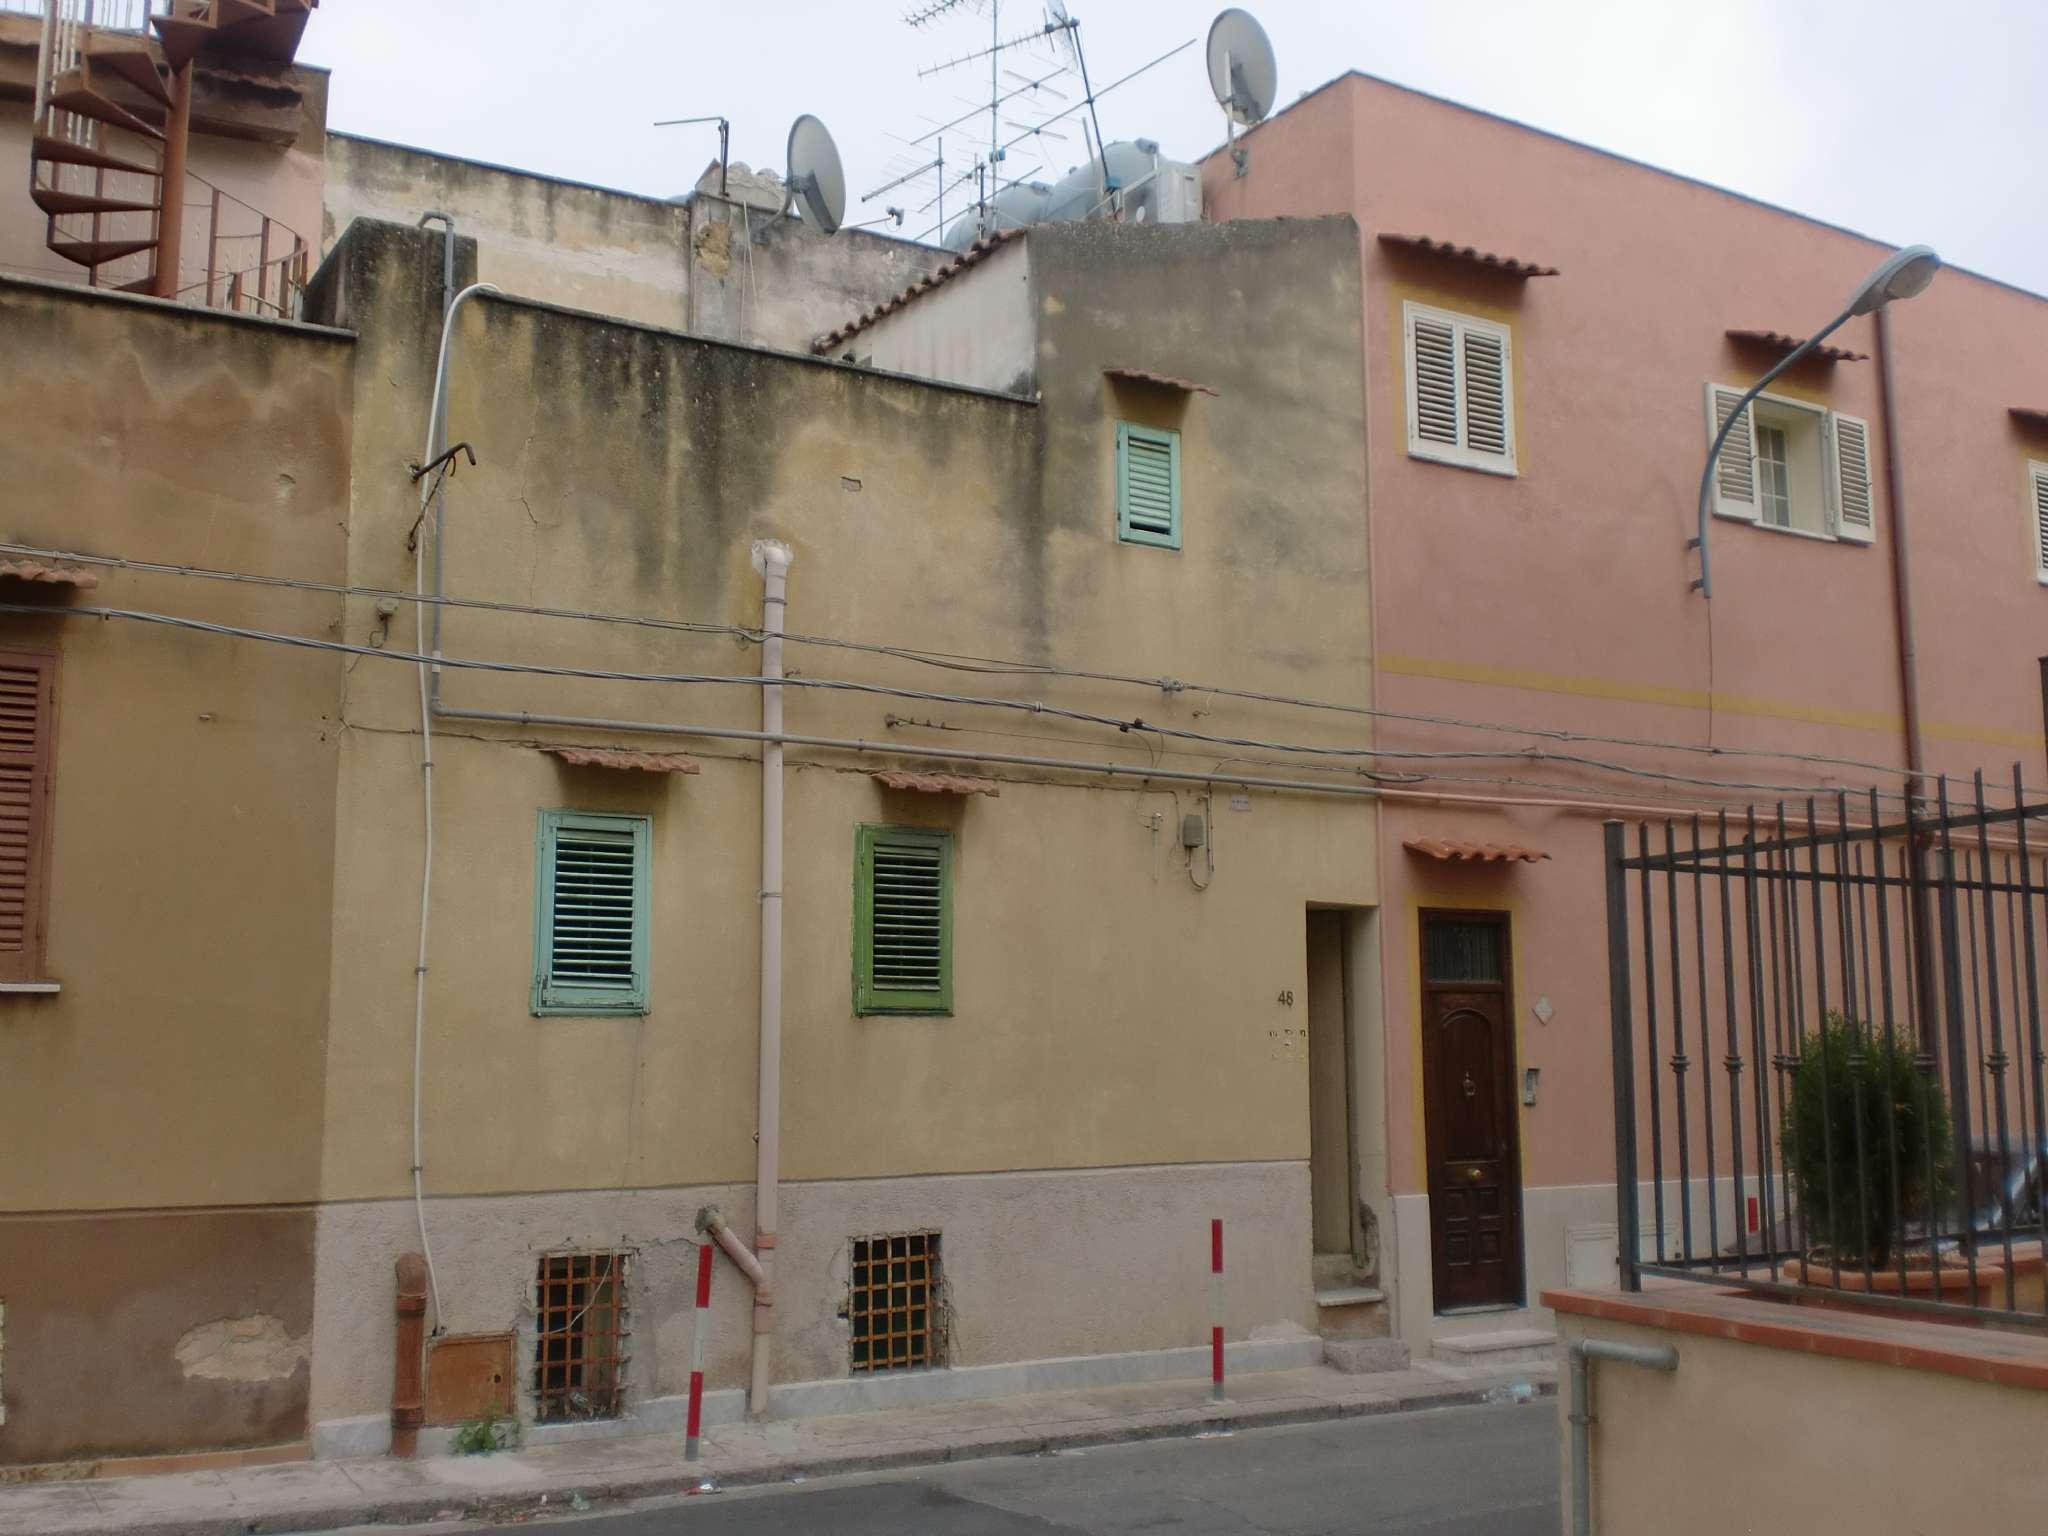 Appartamento in vendita a Santa Flavia, 4 locali, prezzo € 50.000 | PortaleAgenzieImmobiliari.it